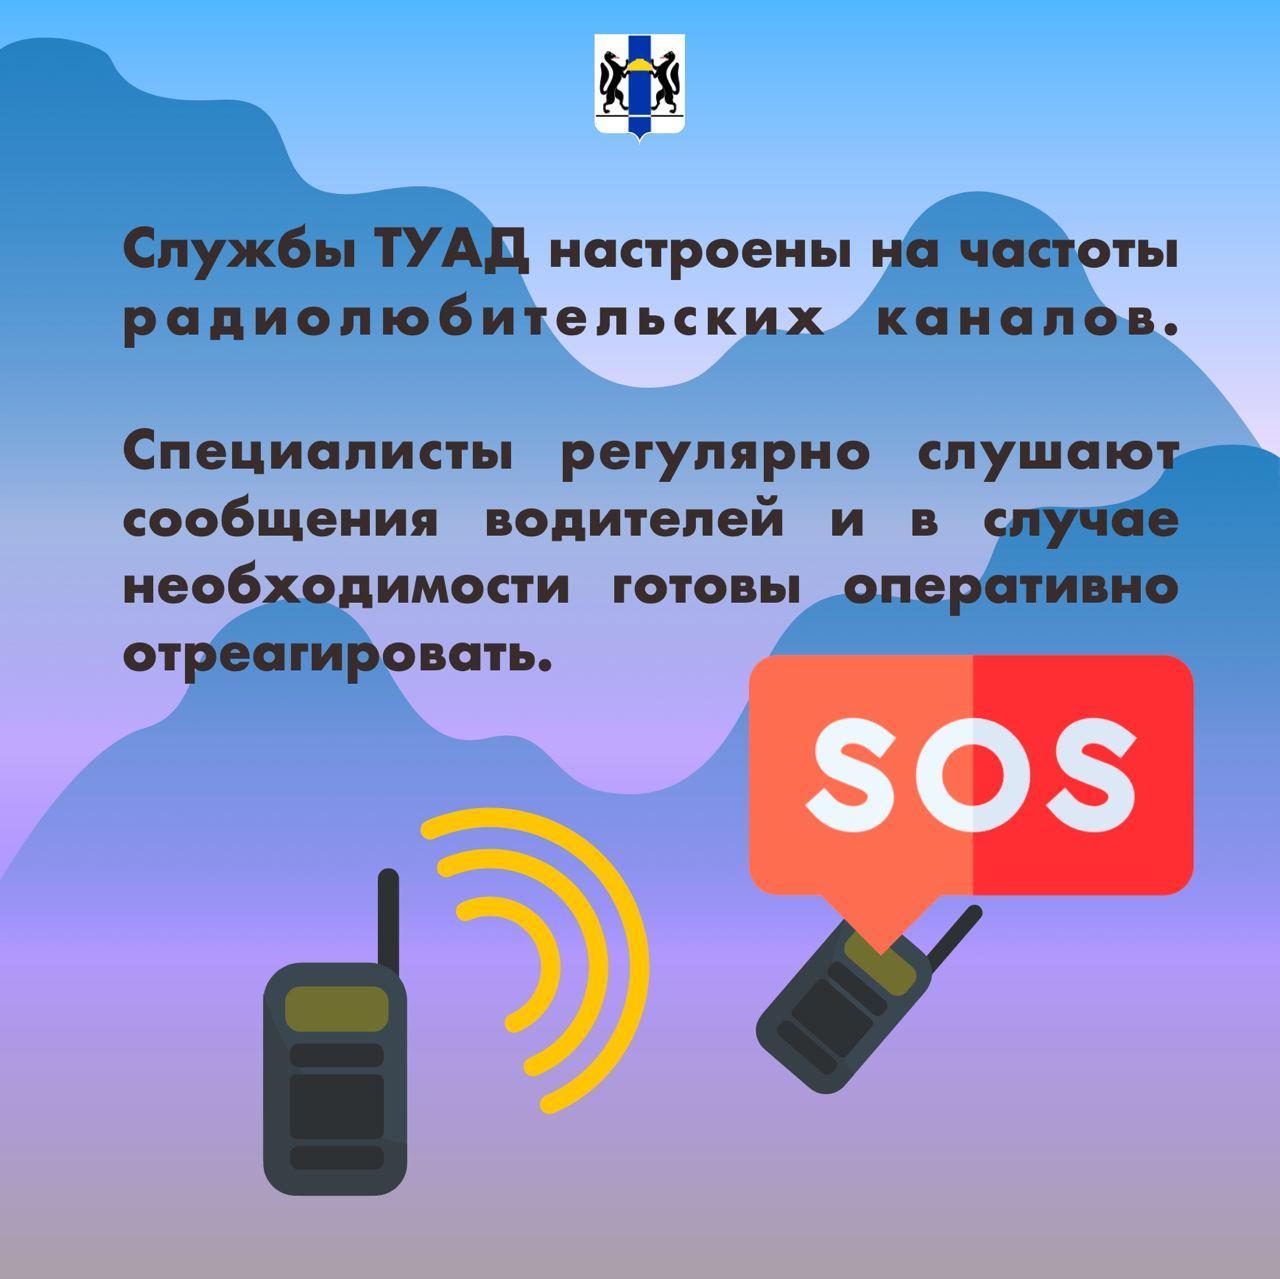 фото Кто поможет в мороз на трассе: полезная информация в картинках от новосибирского правительства 7